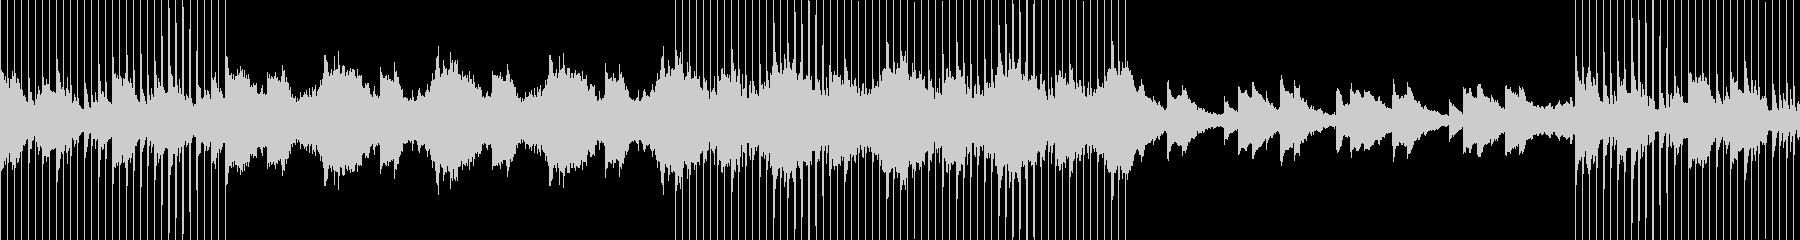 電気楽器。企業のビジネステーマ。高...の未再生の波形